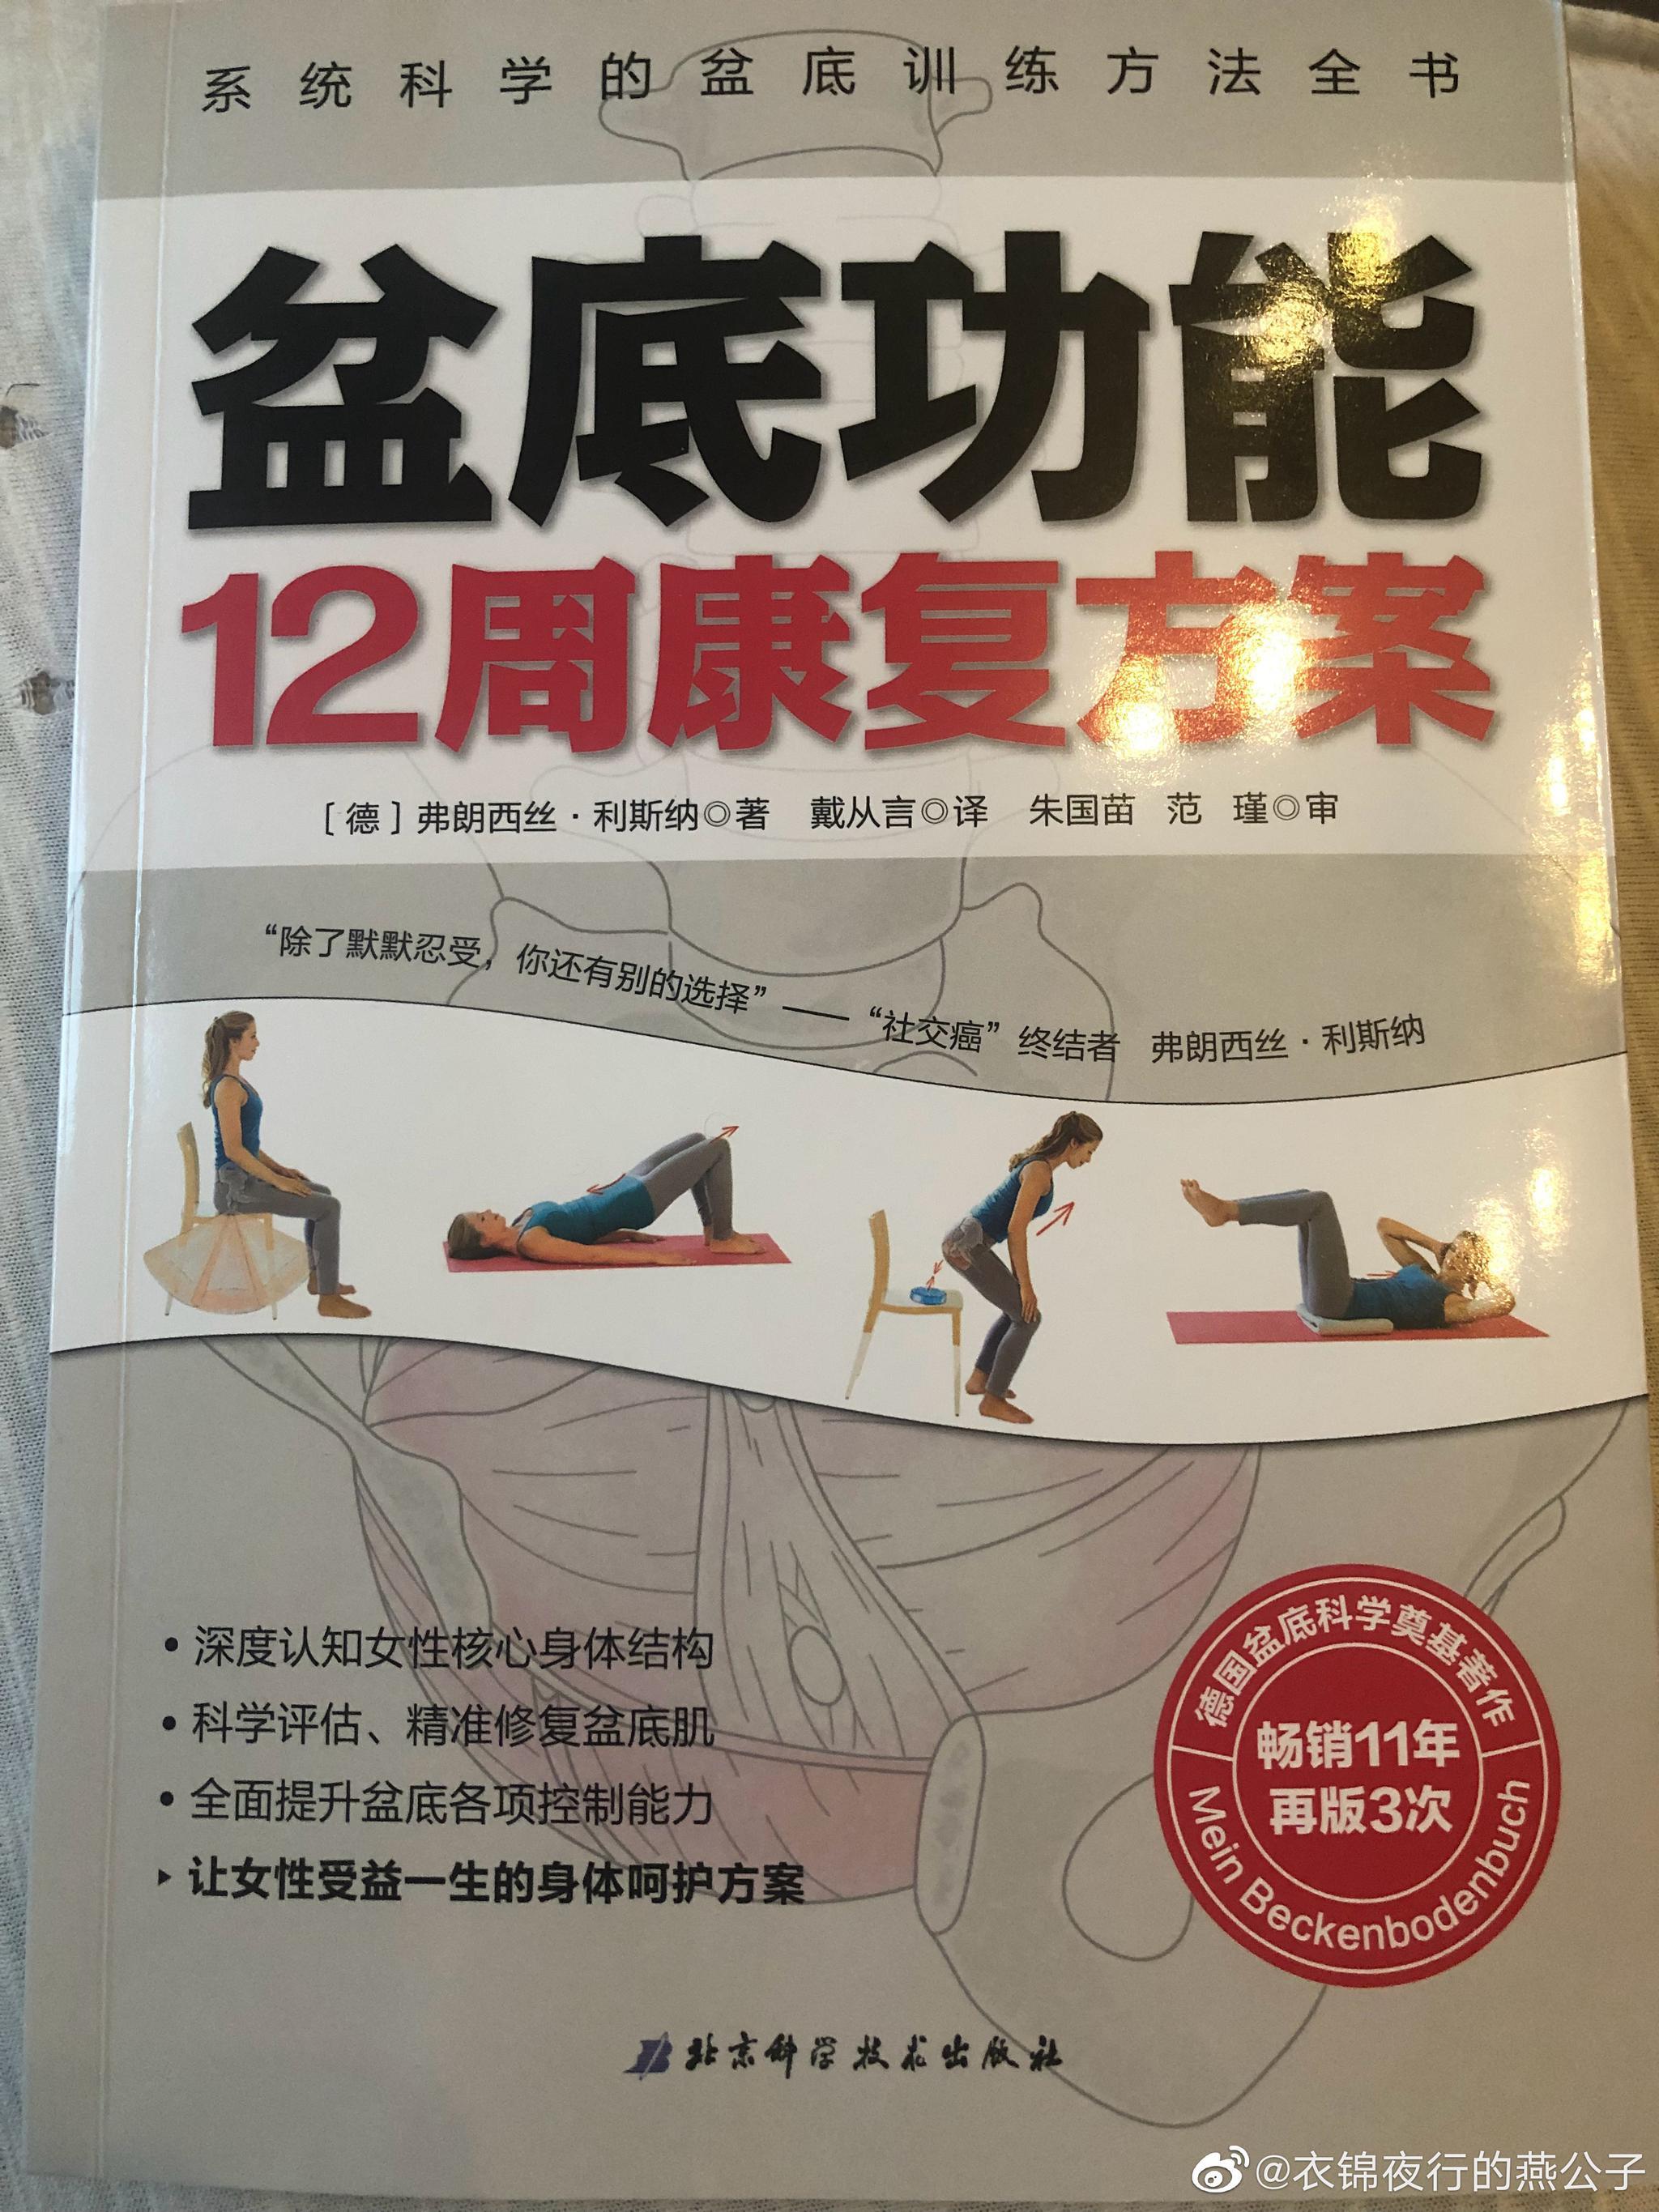 本周抽的书是《盆底功能12周康复方案》